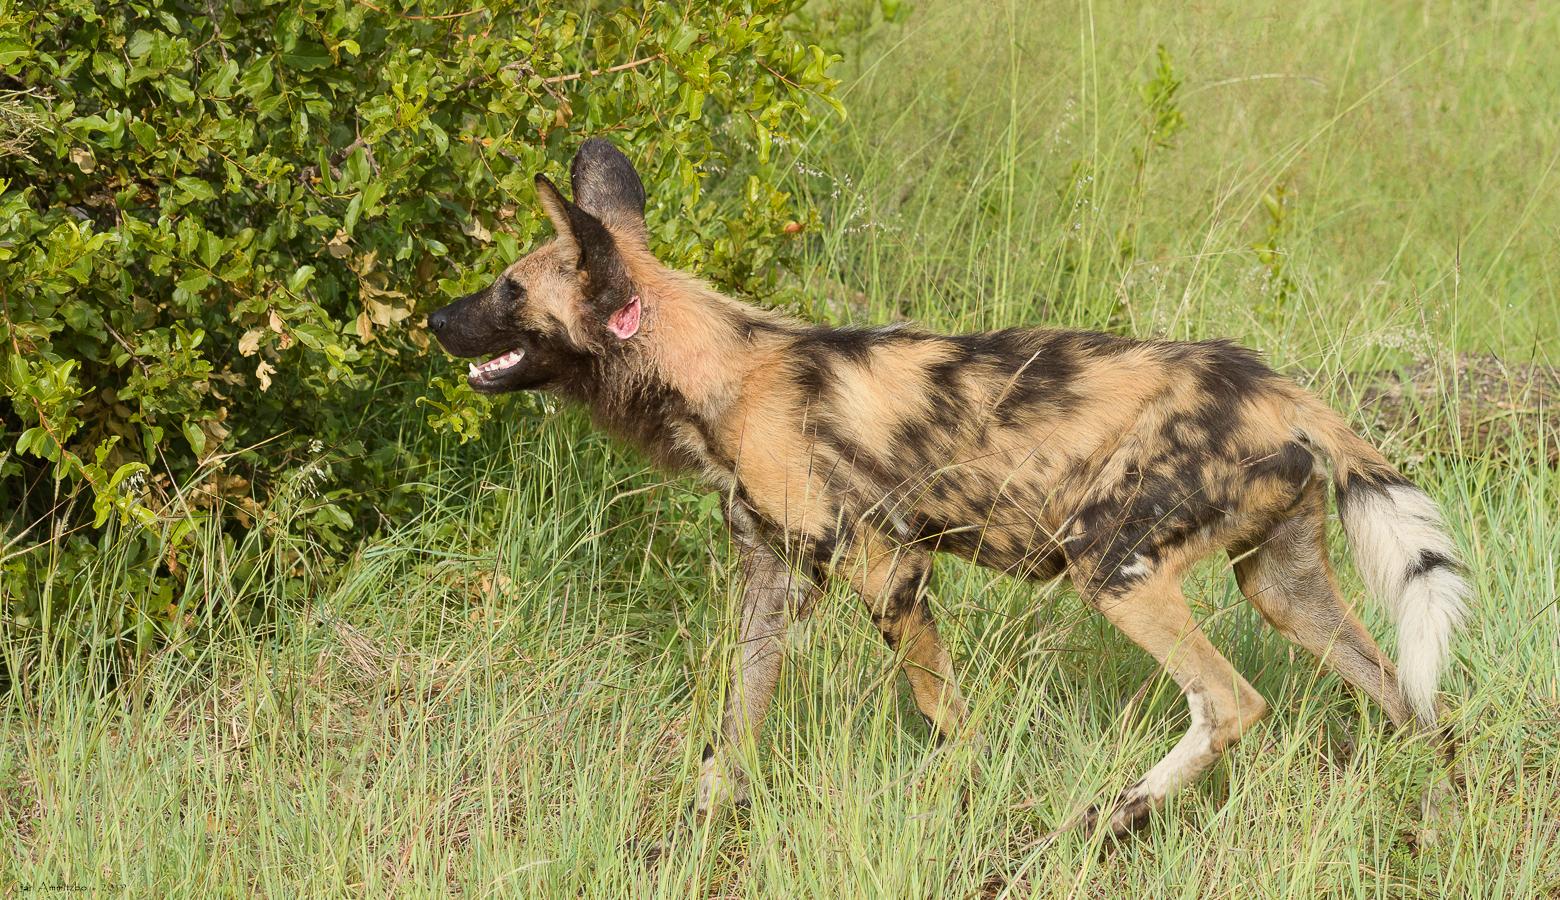 07 - 0222 - Vildhund - 01 - Kruger